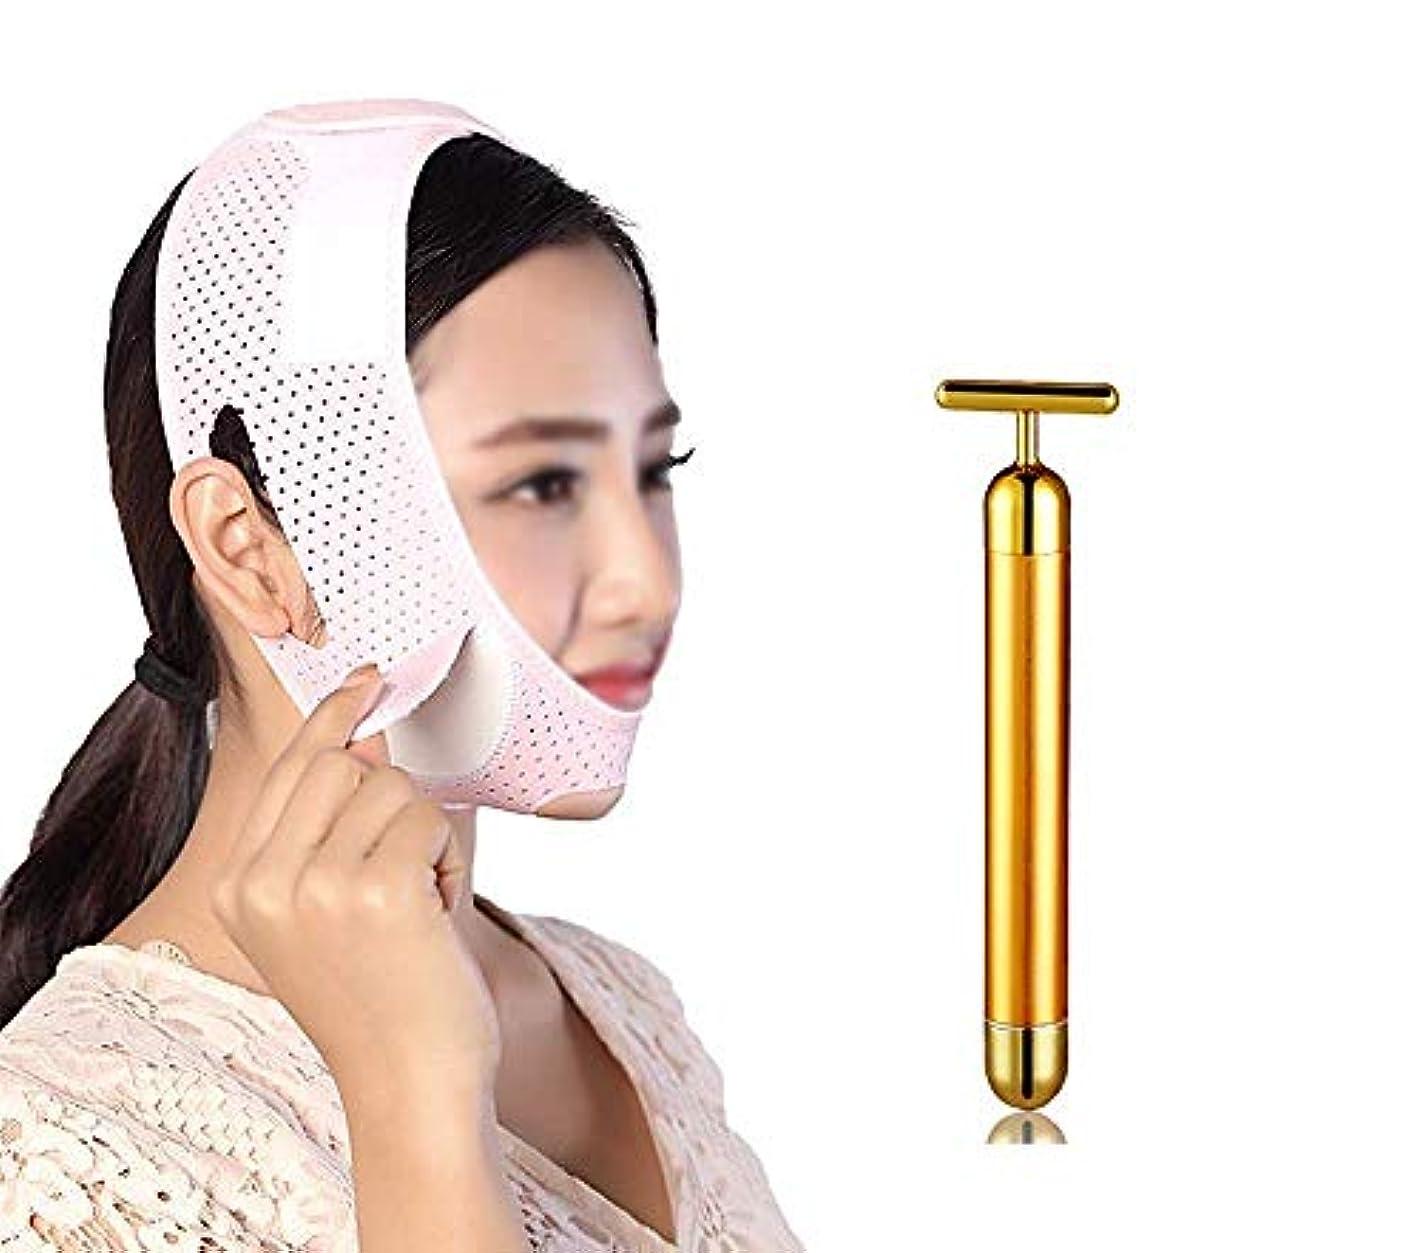 知覚するポルティコ自信がある顔と首を持ち上げる術後弾性セットVフェイスマスクは、チンV顔アーティファクト回復サポートベルトの収縮の調整を強化します。